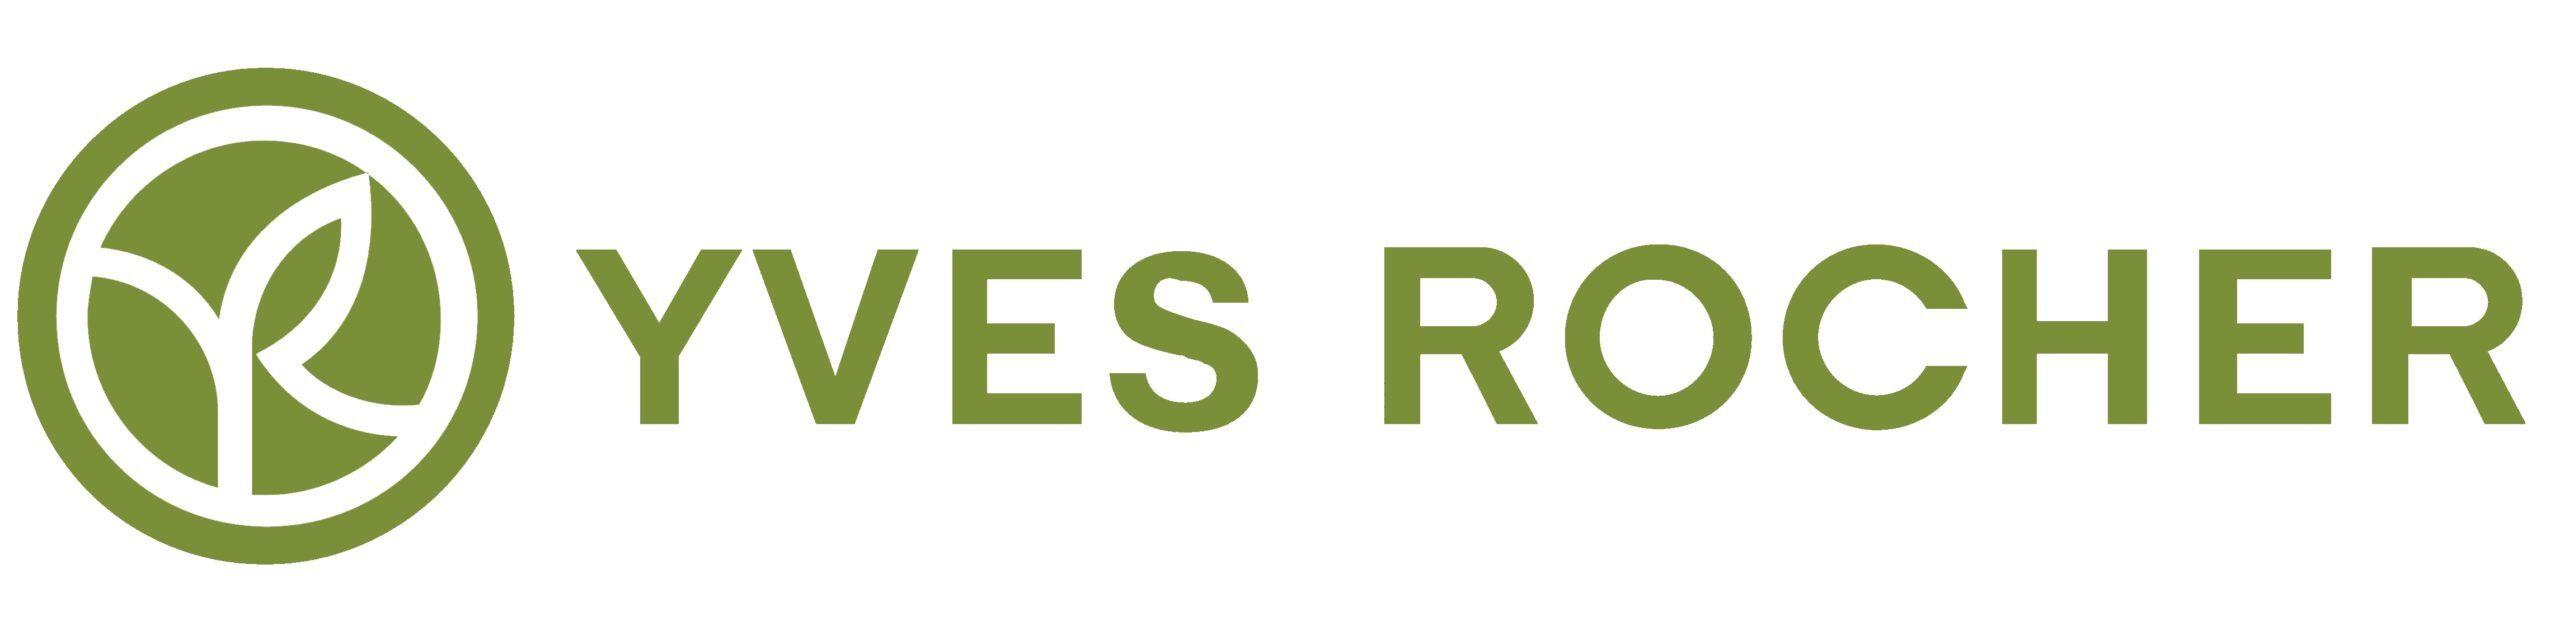 Circulaires Yves Rocher